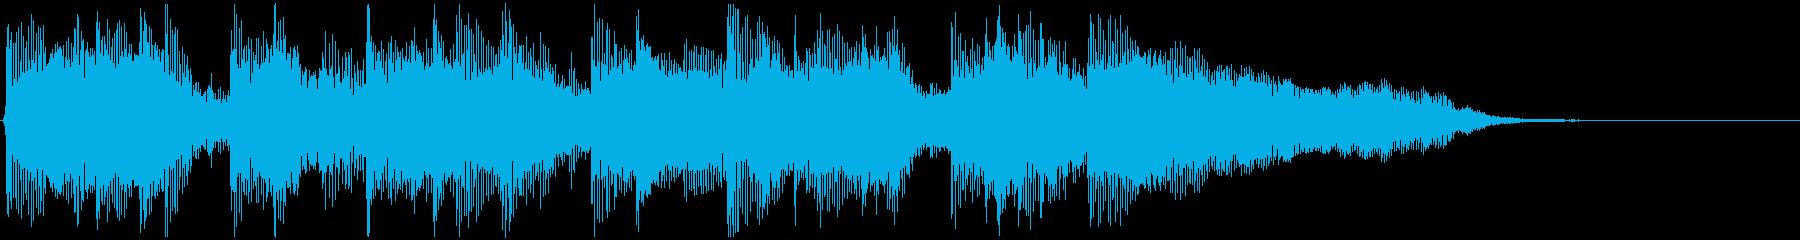 バイオリンメロのジングルの再生済みの波形